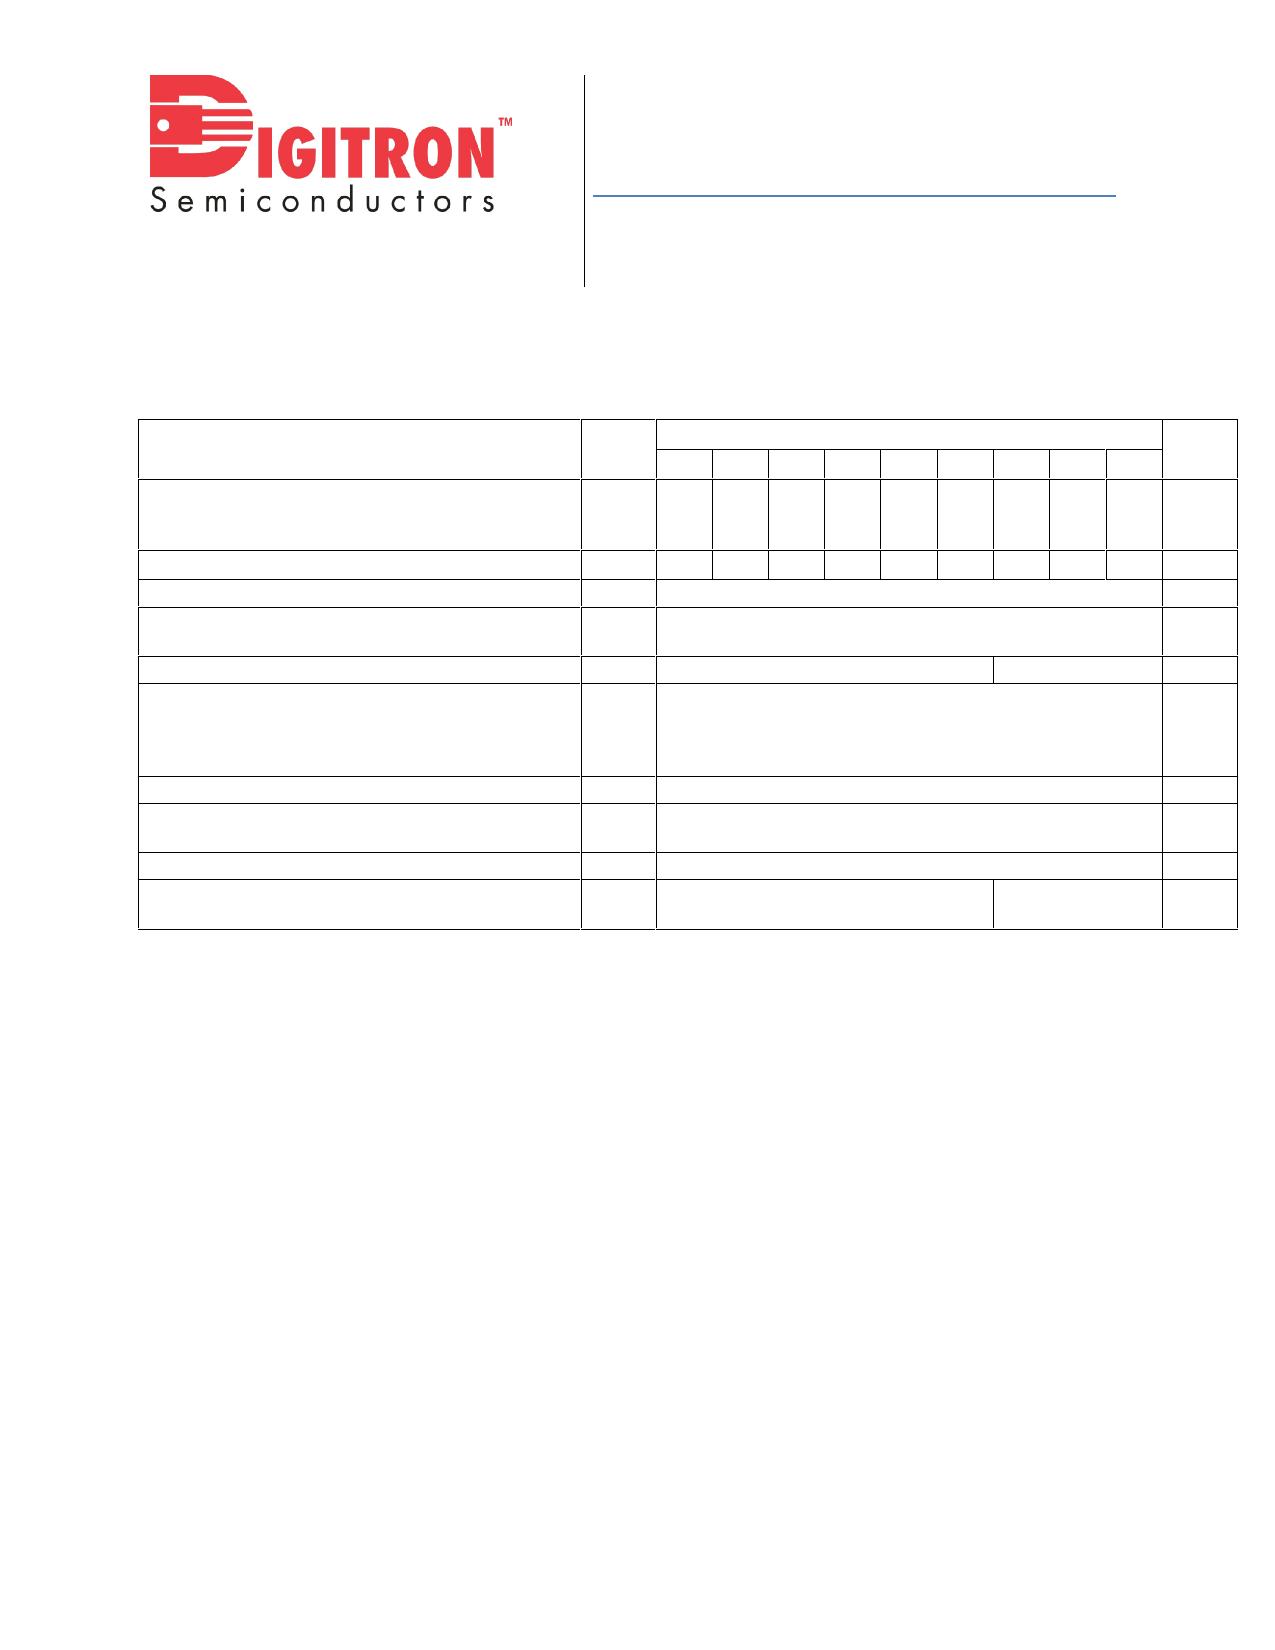 UFR102 데이터시트 및 UFR102 PDF